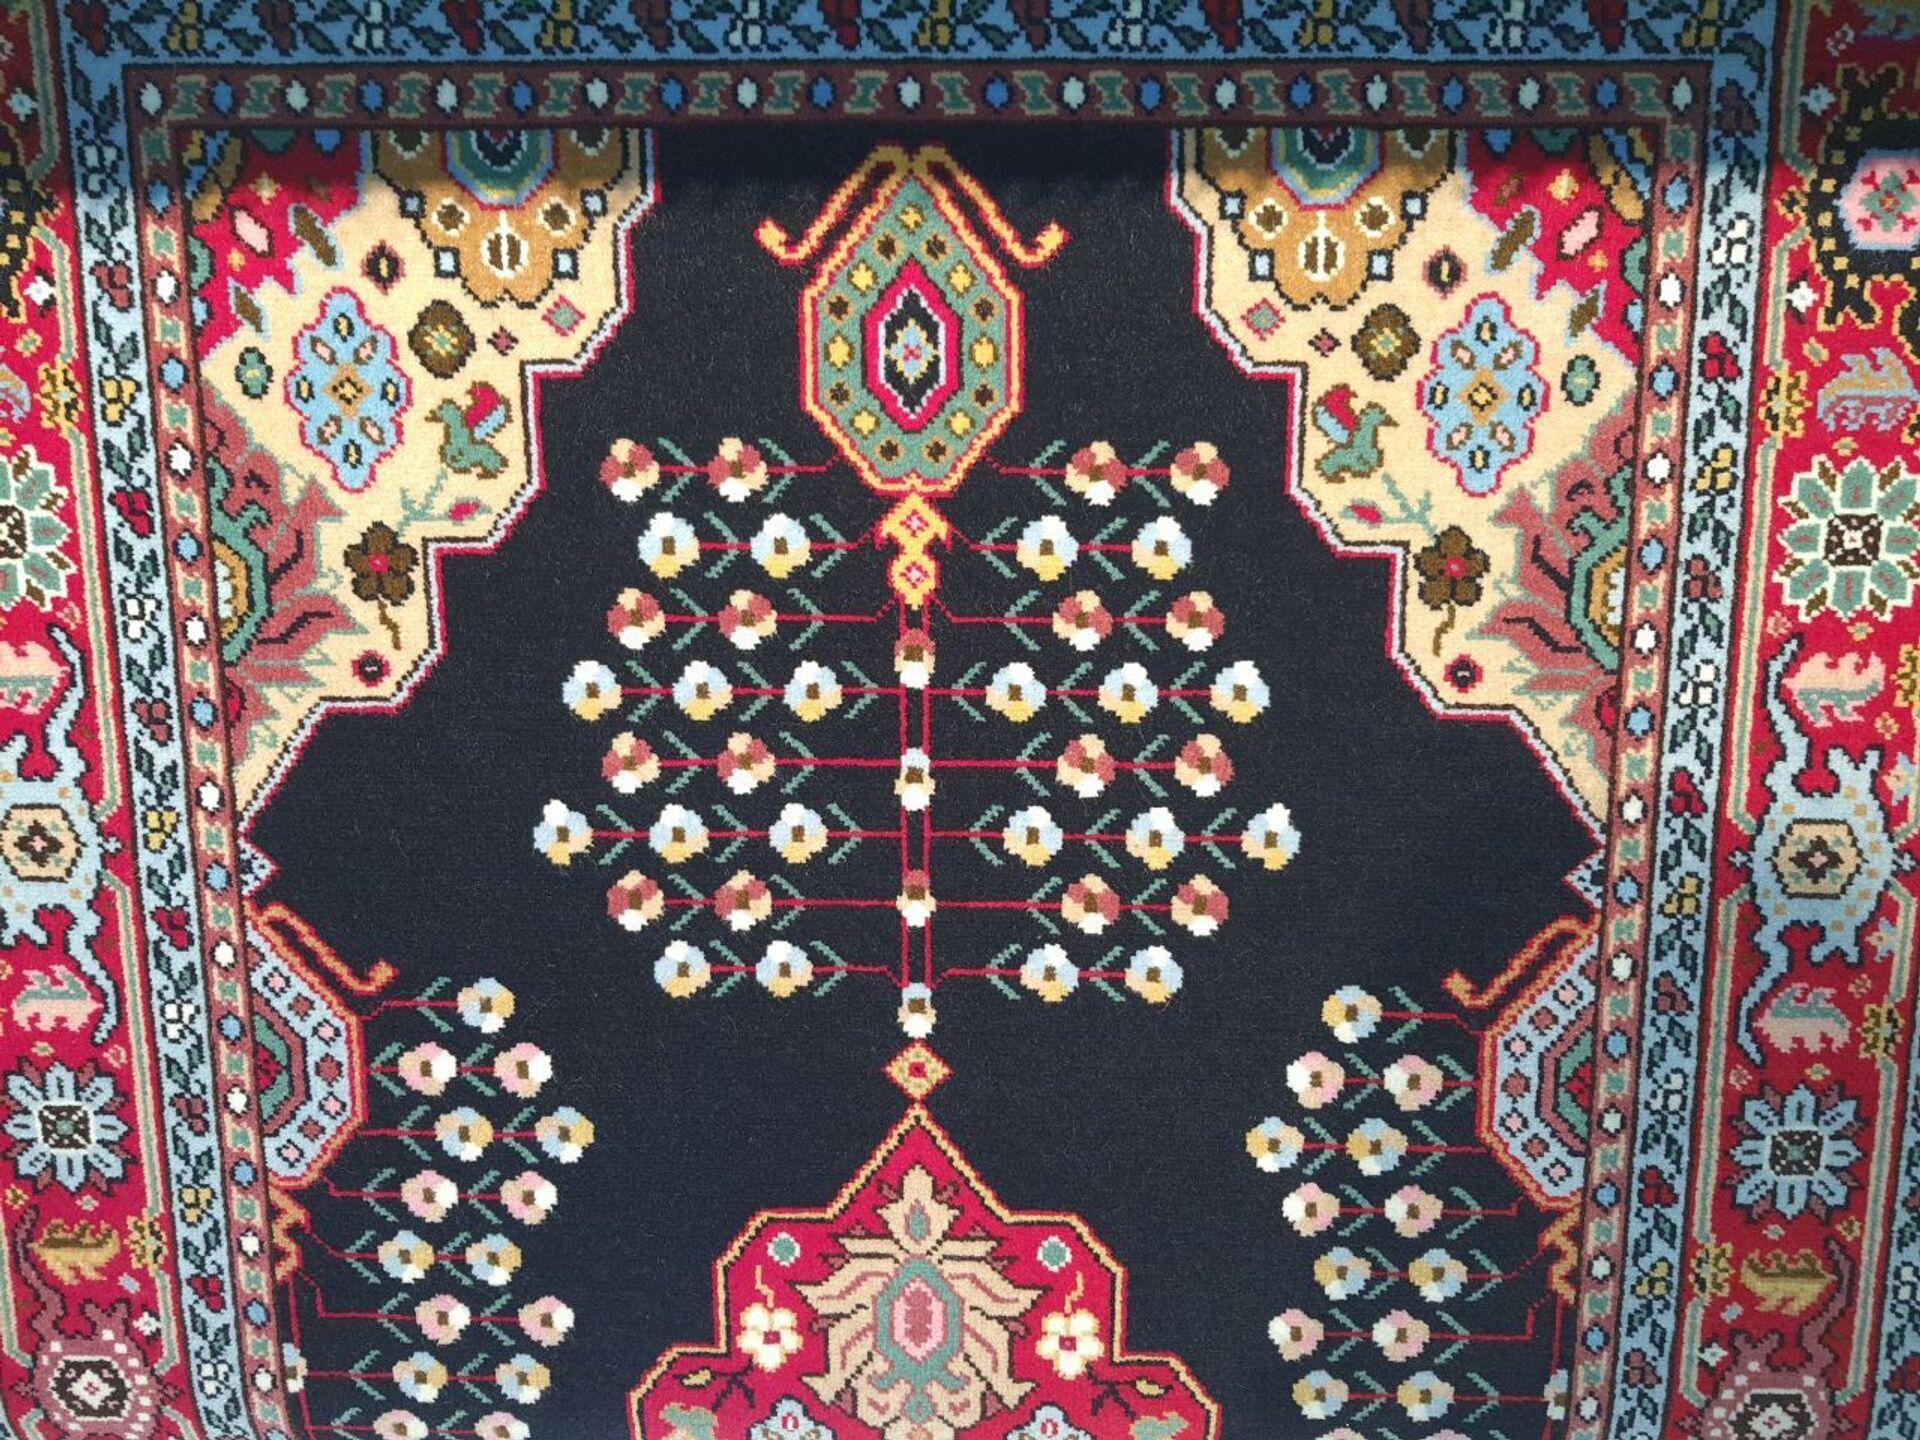 Бакинцам представили карабахский ковер, украшенный белыми цветами - Sputnik Азербайджан, 1920, 30.07.2021